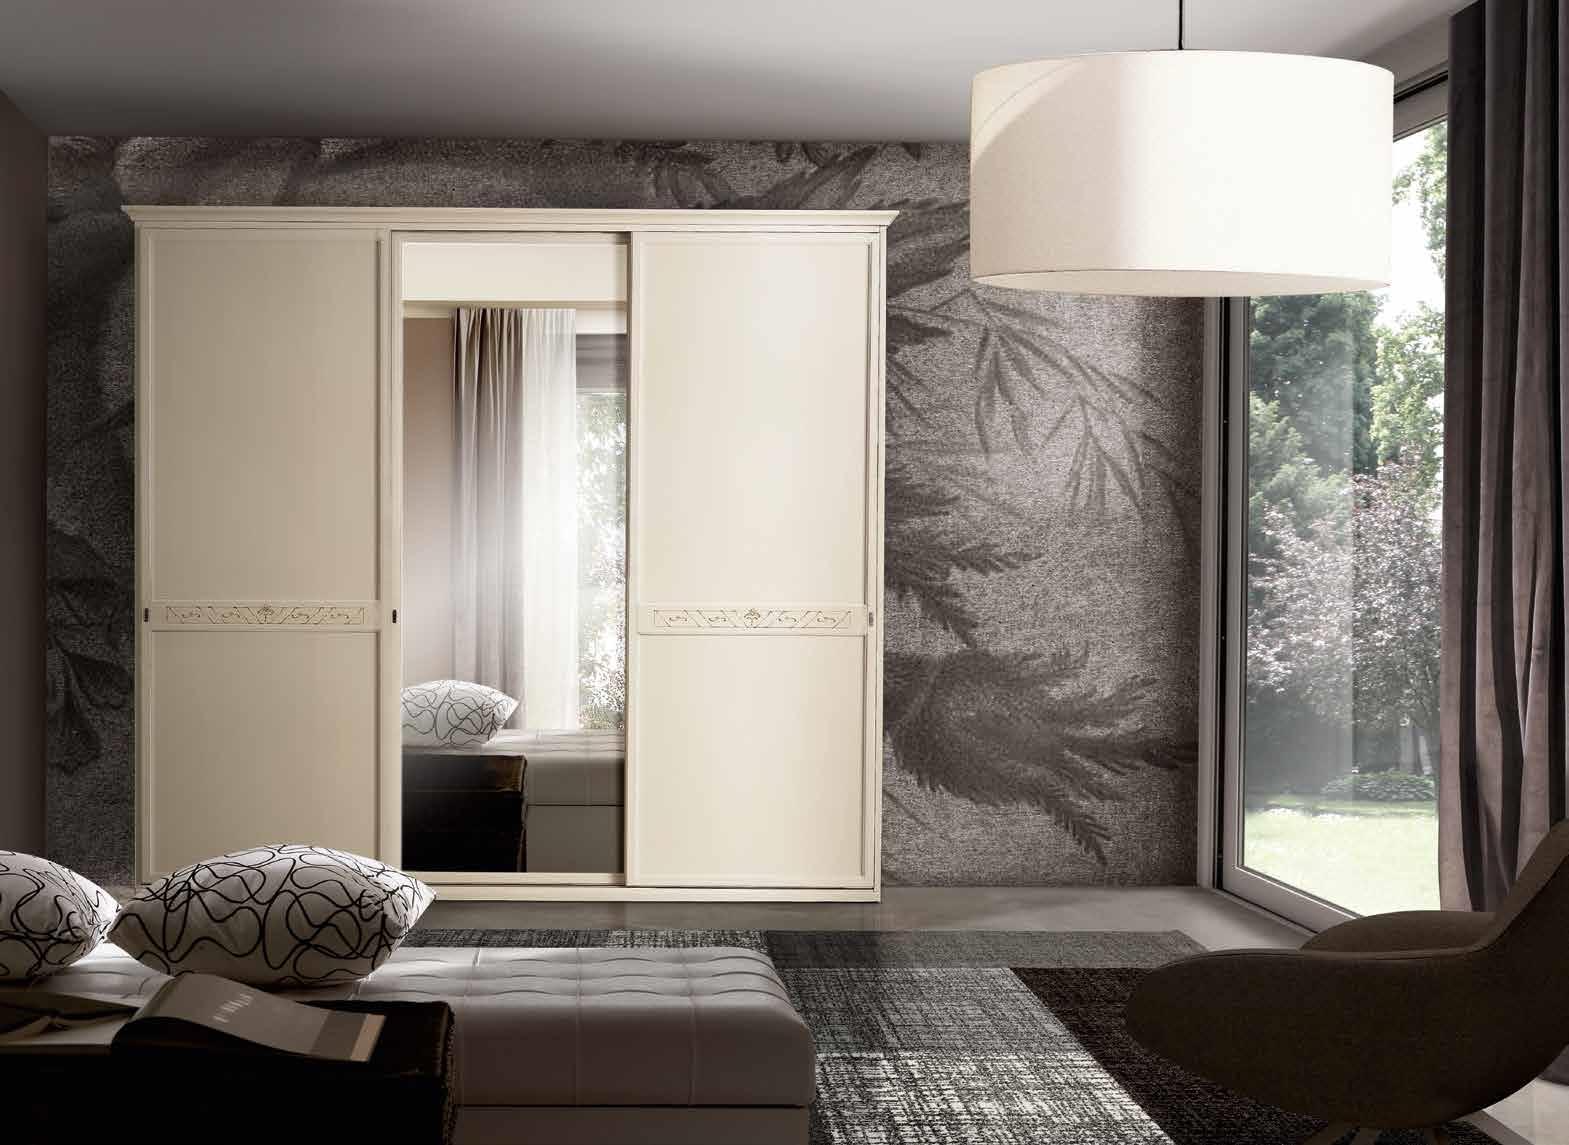 San michele armadio dea classico specchio ante scorrevoli - San michele mobili ...